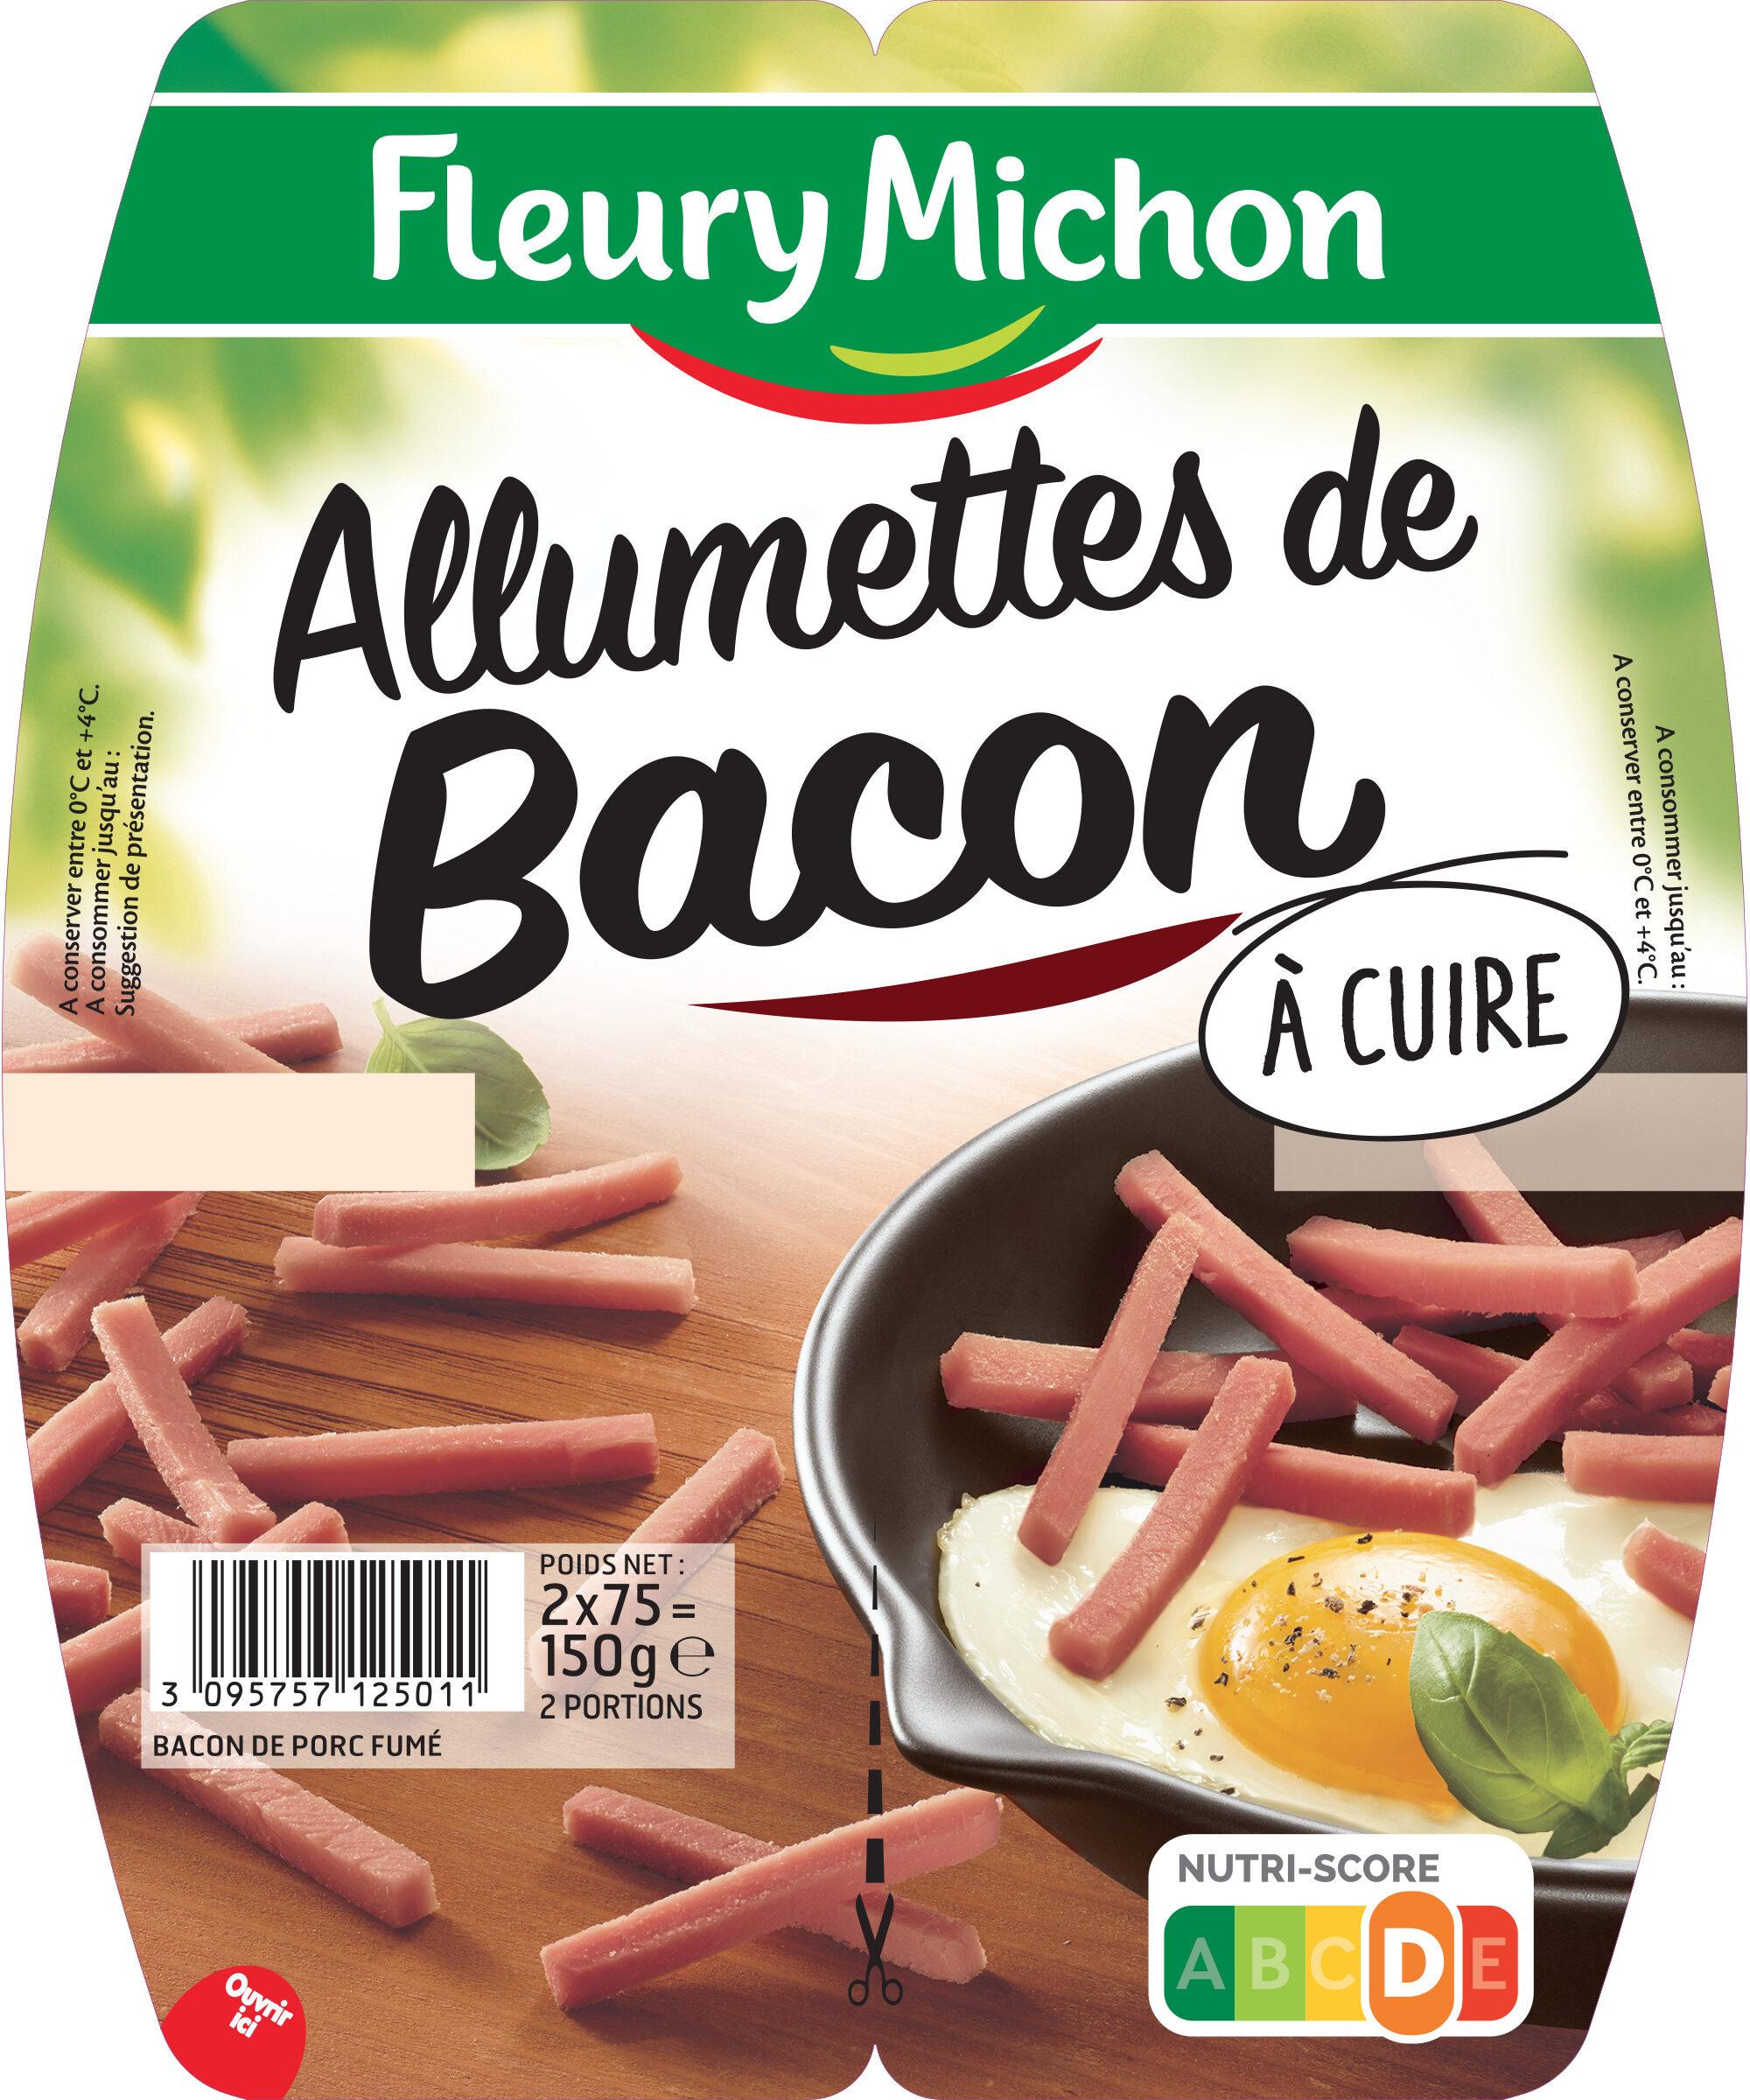 Allumettes de bacon - 2x75 g. - Produit - fr